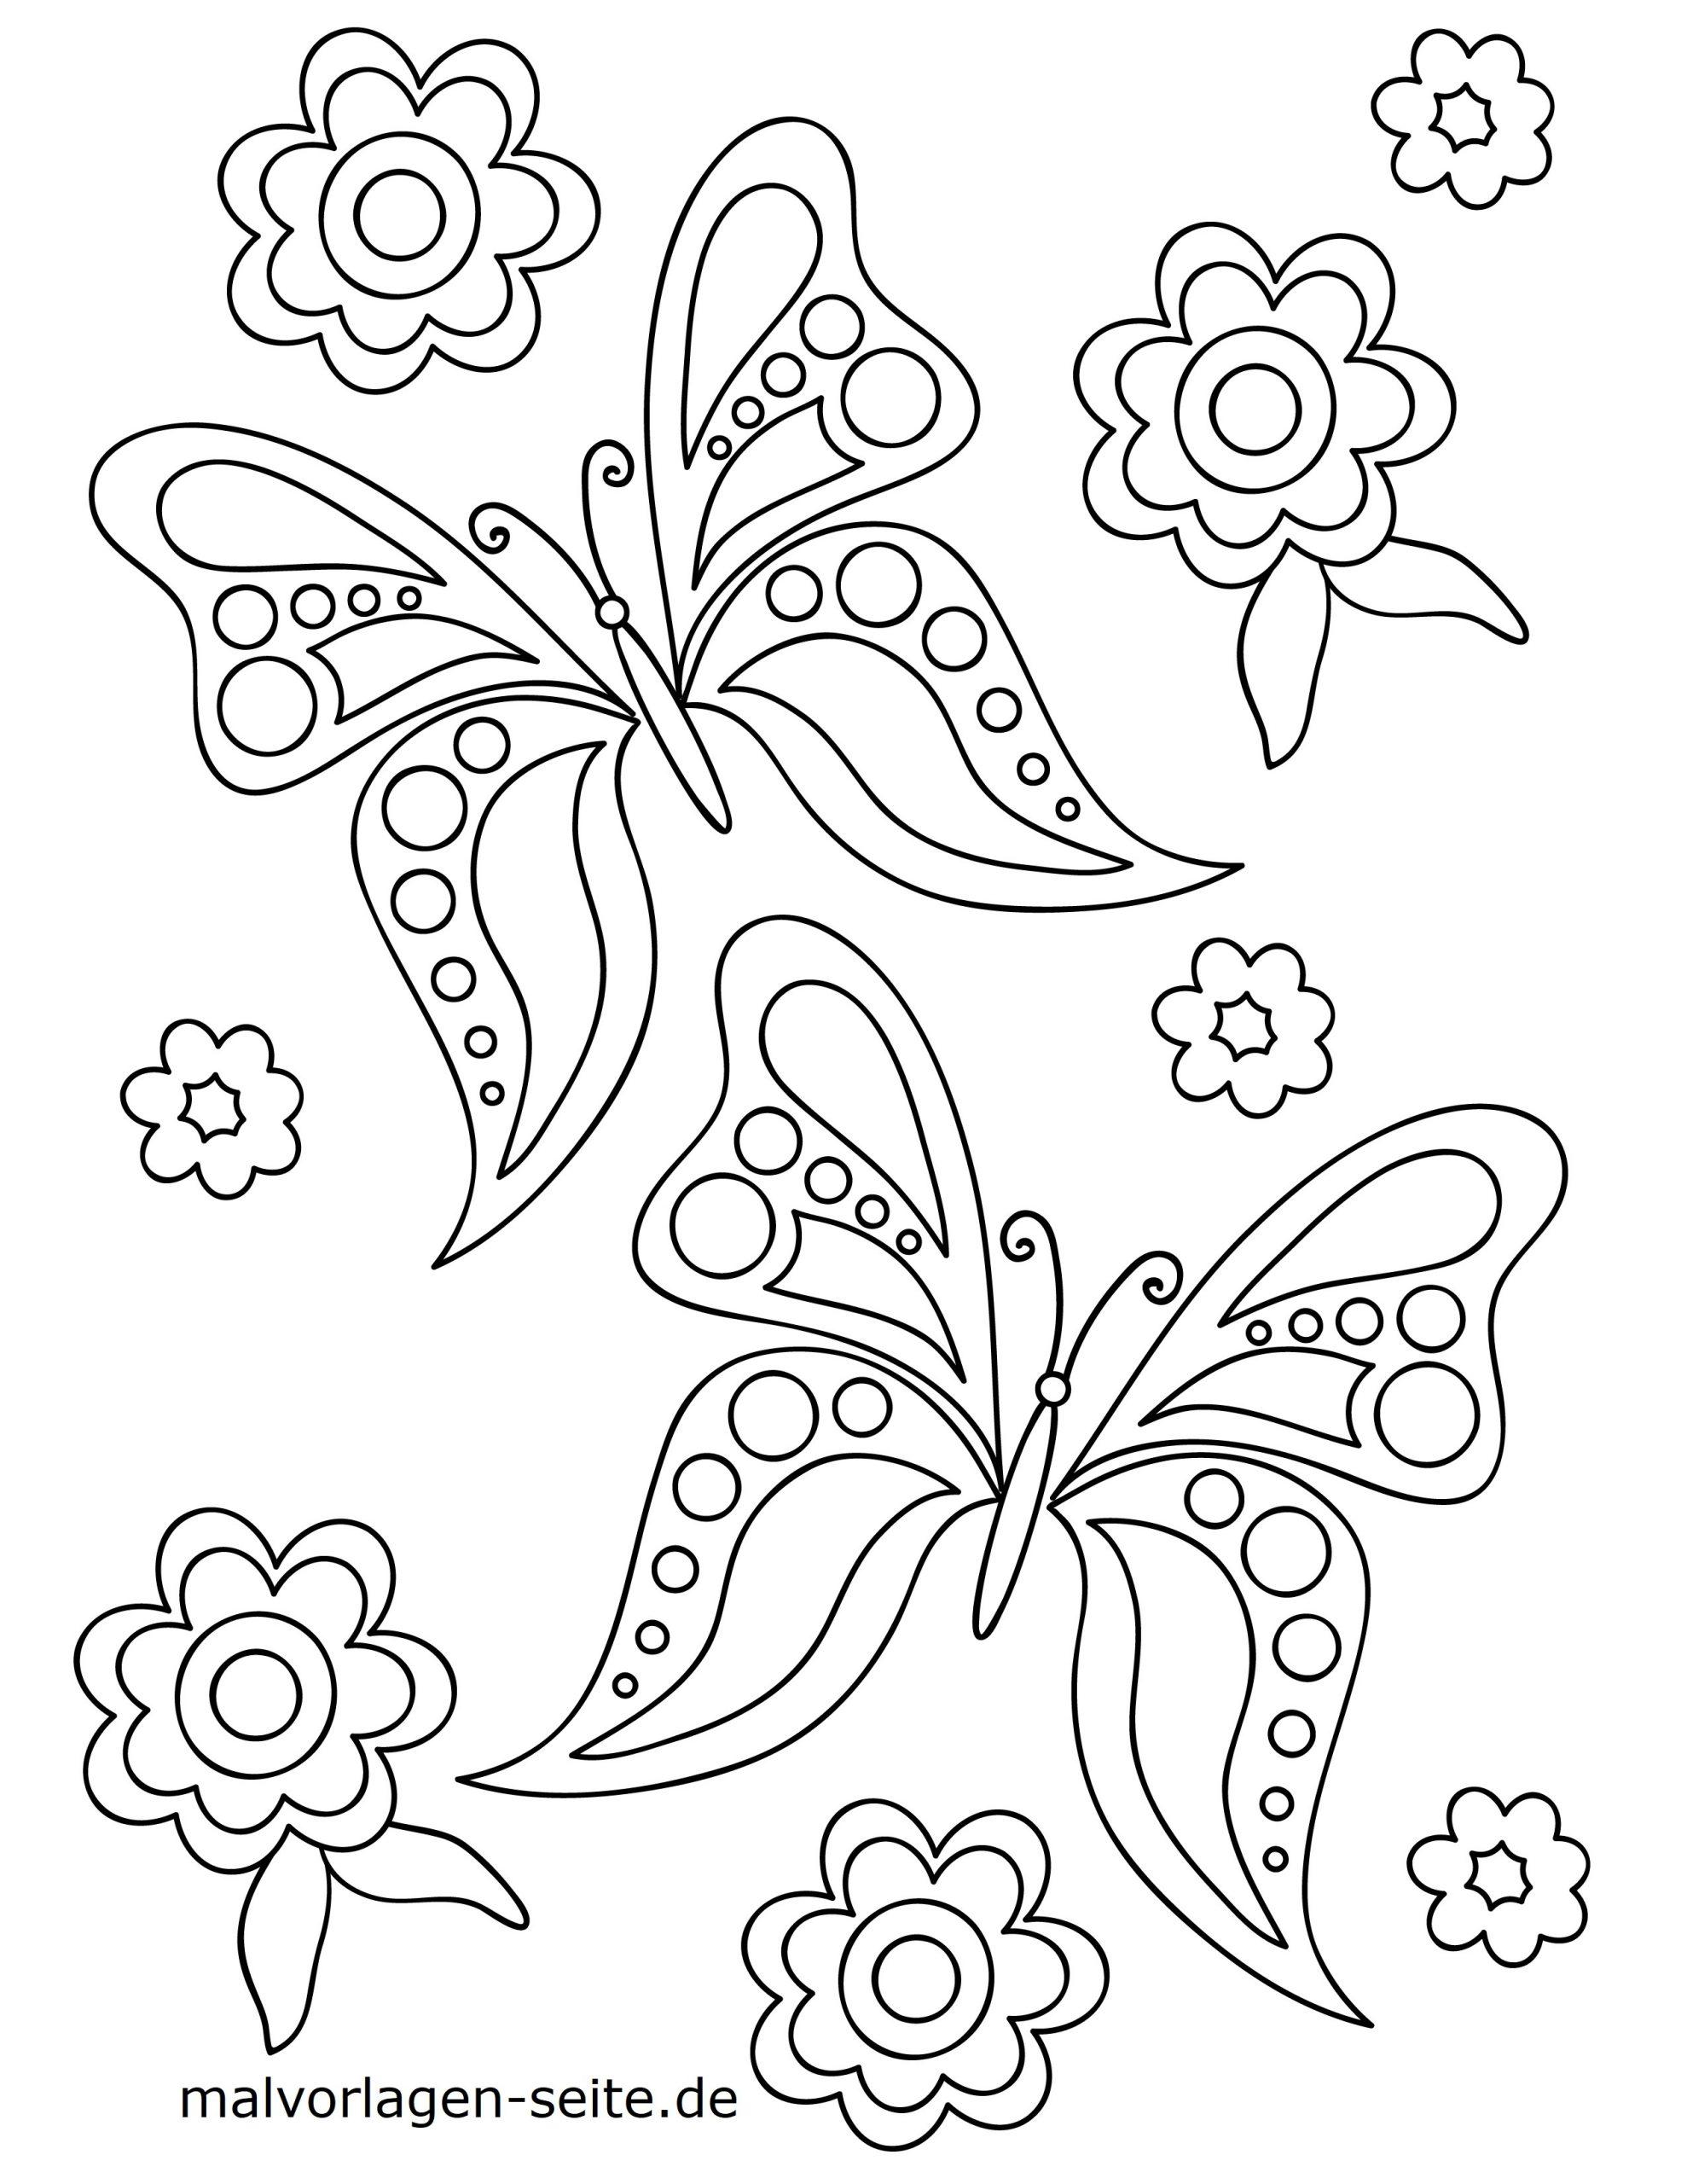 Malvorlage Schmetterling Und Blumen - Ausmalbilder Kostenlos verwandt mit Malvorlagen Schmetterlinge